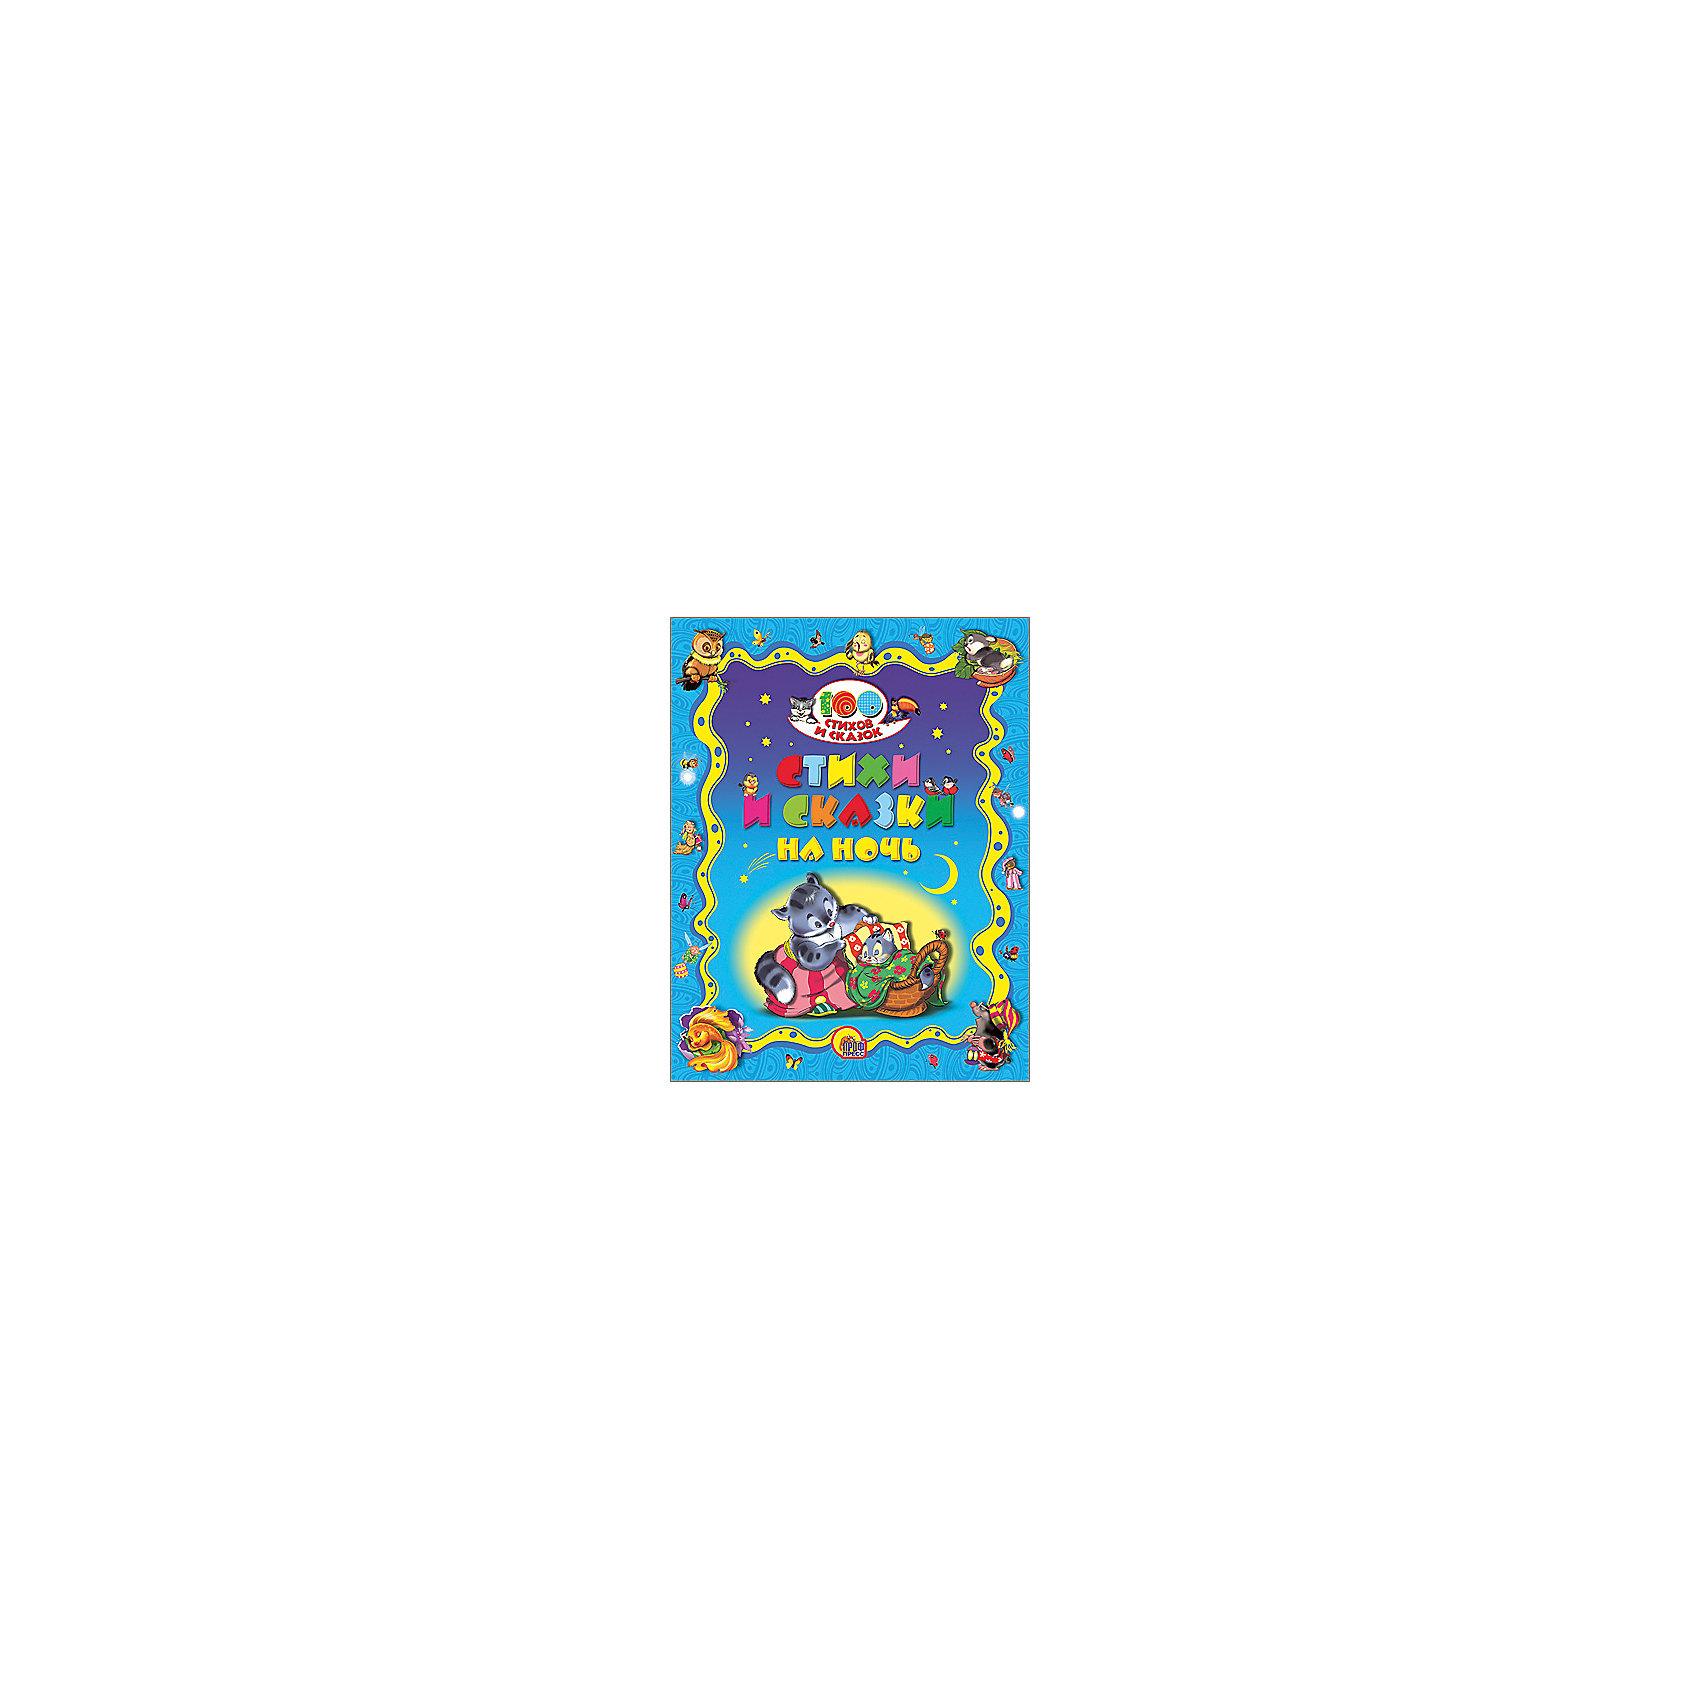 Стихи и сказки на ночь, 100 стихов и сказокСтихи<br>В книге Сказки и стихи на ночь вы сможете найти различные колыбельные, сказки, басни, сказки народов мира и стихи. Яркие иллюстрации сделают процесс чтения еще интереснее. С такой книжкой ребенок спокойно заснет и увидит самые прекрасные сказочные сны!<br>Дополнительная информация:<br>Издательство: Проф-Пресс<br>Художники: И.Н. Егорова, Игорь Шляхов<br>Год выпуска: 2016<br>Серия: 100 стихов и сказок<br>Обложка: твердый переплет<br>Иллюстрации: цветные<br>Количество страниц: 368<br>ISBN:978-5-378-19857-3<br>Размер: 19х3х20,5 см<br>Вес: 950 грамм<br>Книгу Сказки и стихи на ночь можно купить в нашем интернет-магазине.<br><br>Ширина мм: 205<br>Глубина мм: 30<br>Высота мм: 190<br>Вес г: 950<br>Возраст от месяцев: 0<br>Возраст до месяцев: 36<br>Пол: Унисекс<br>Возраст: Детский<br>SKU: 4905869